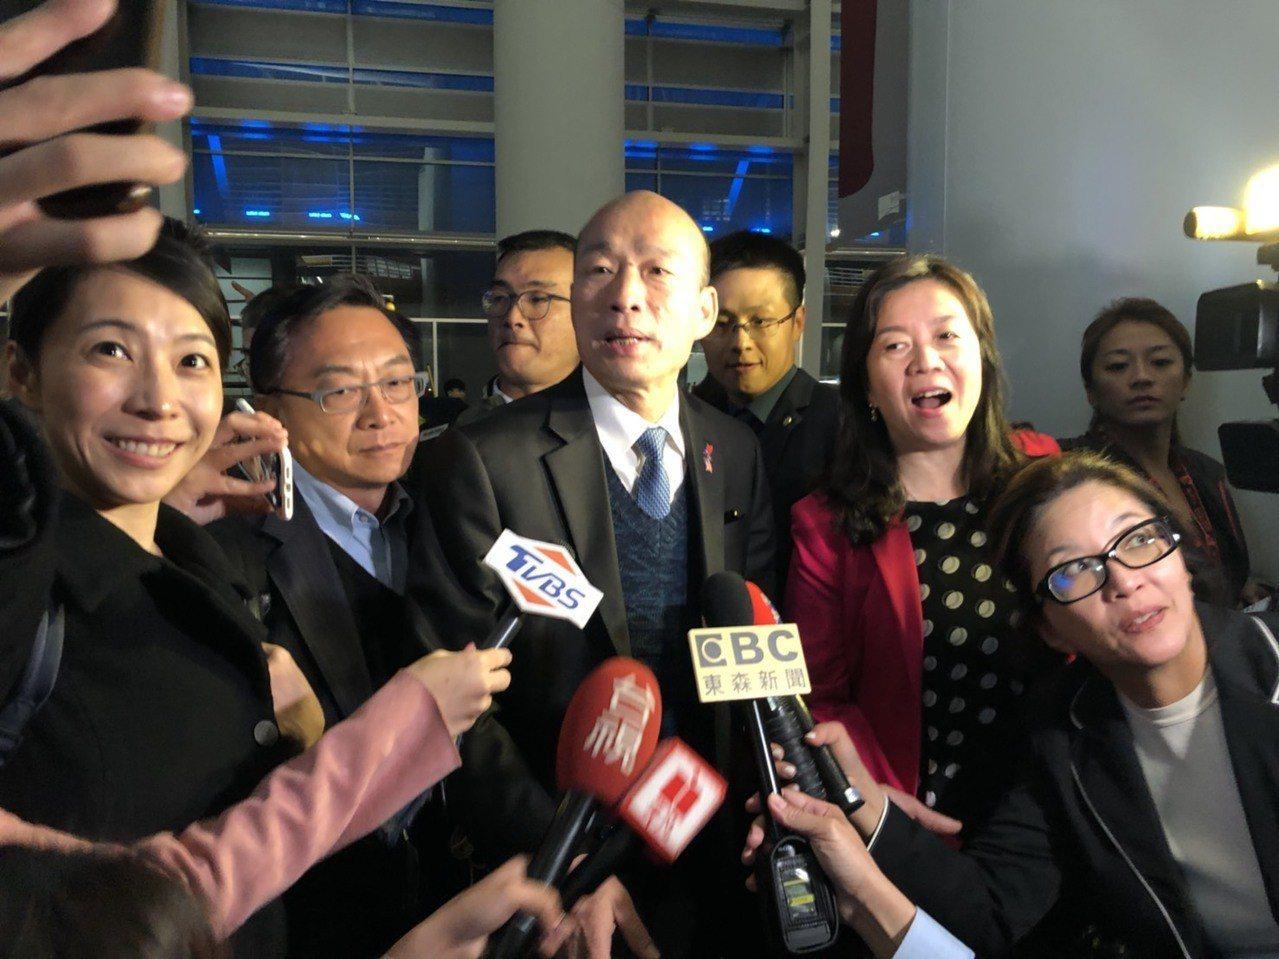 高雄市長韓國瑜美西時間17日凌晨搭機返台前,在舊金山機場被問到初選階段是否為郭助...